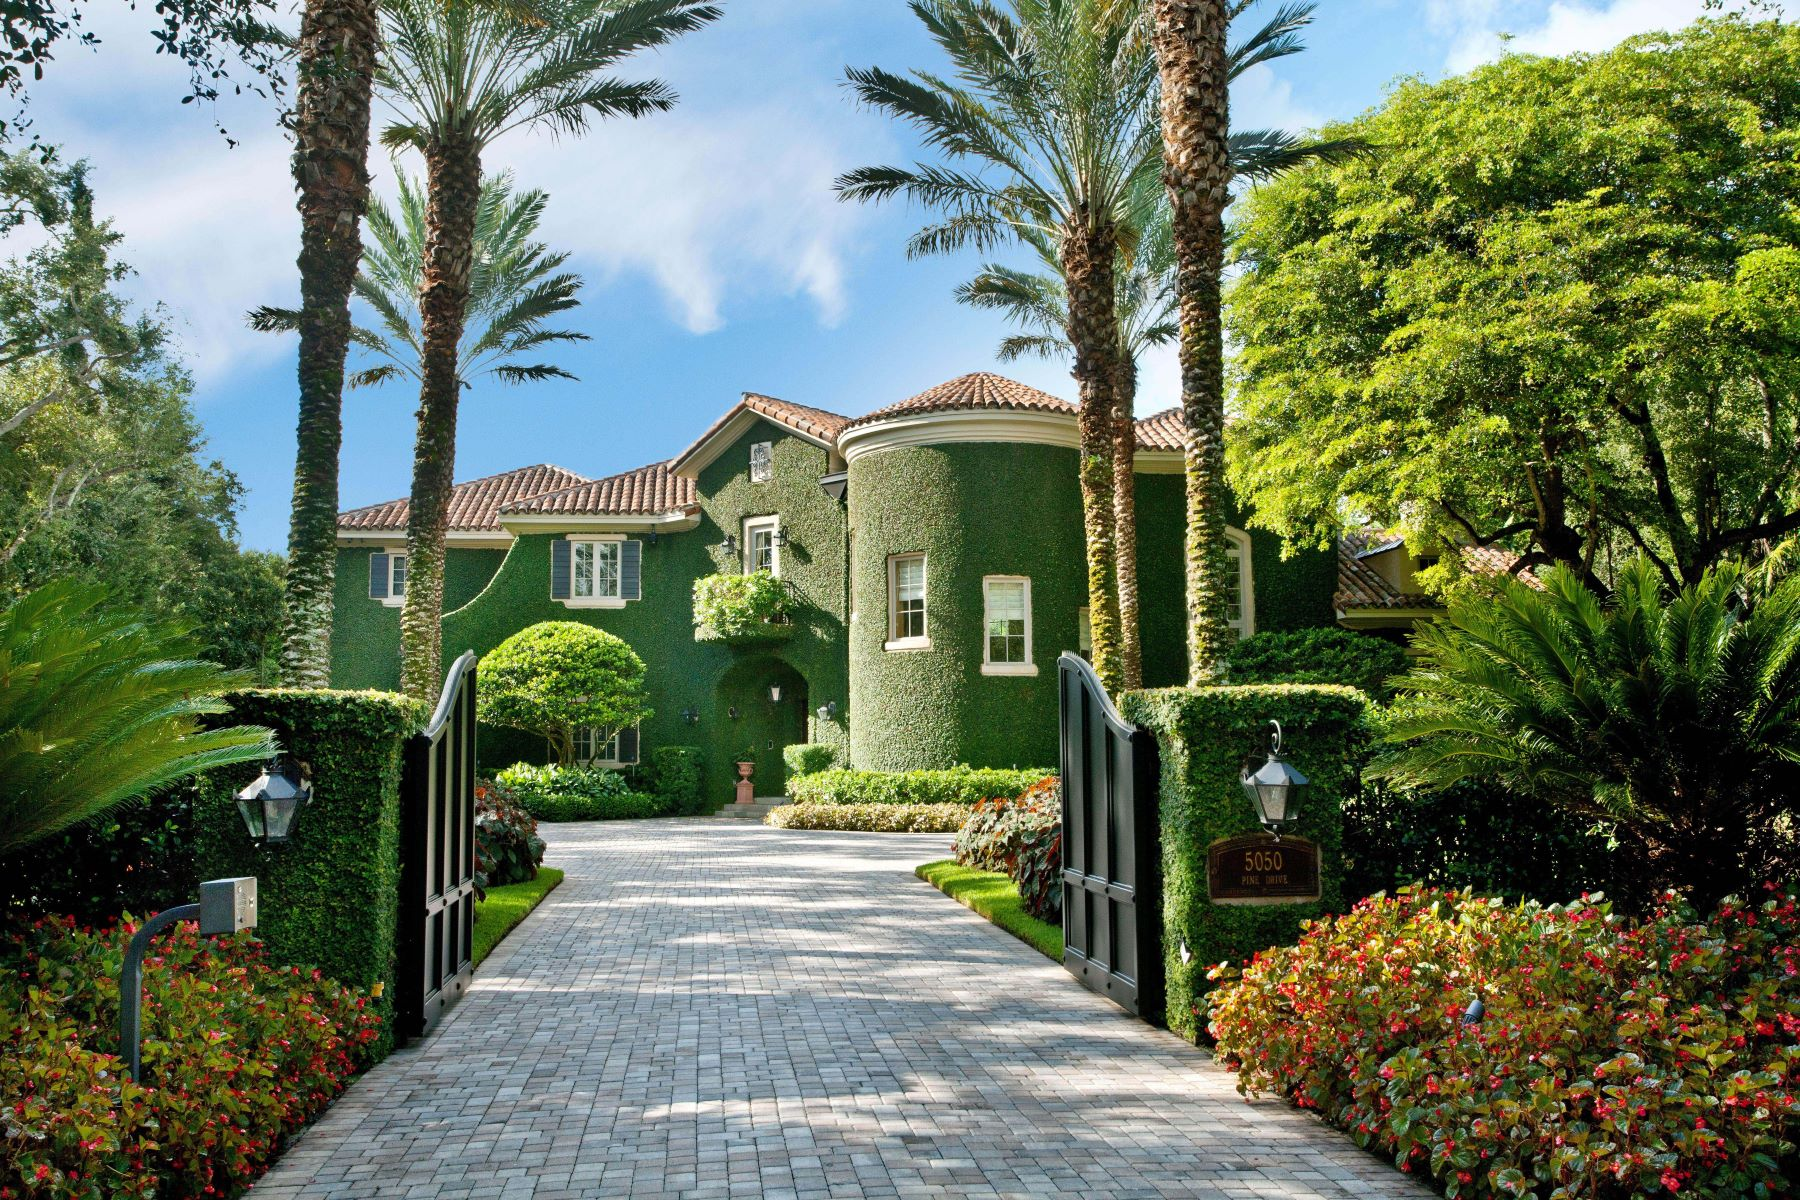 獨棟家庭住宅 為 出售 在 5050 Pine Dr 5050 Pine Dr Miami, 佛羅里達州 33143 美國